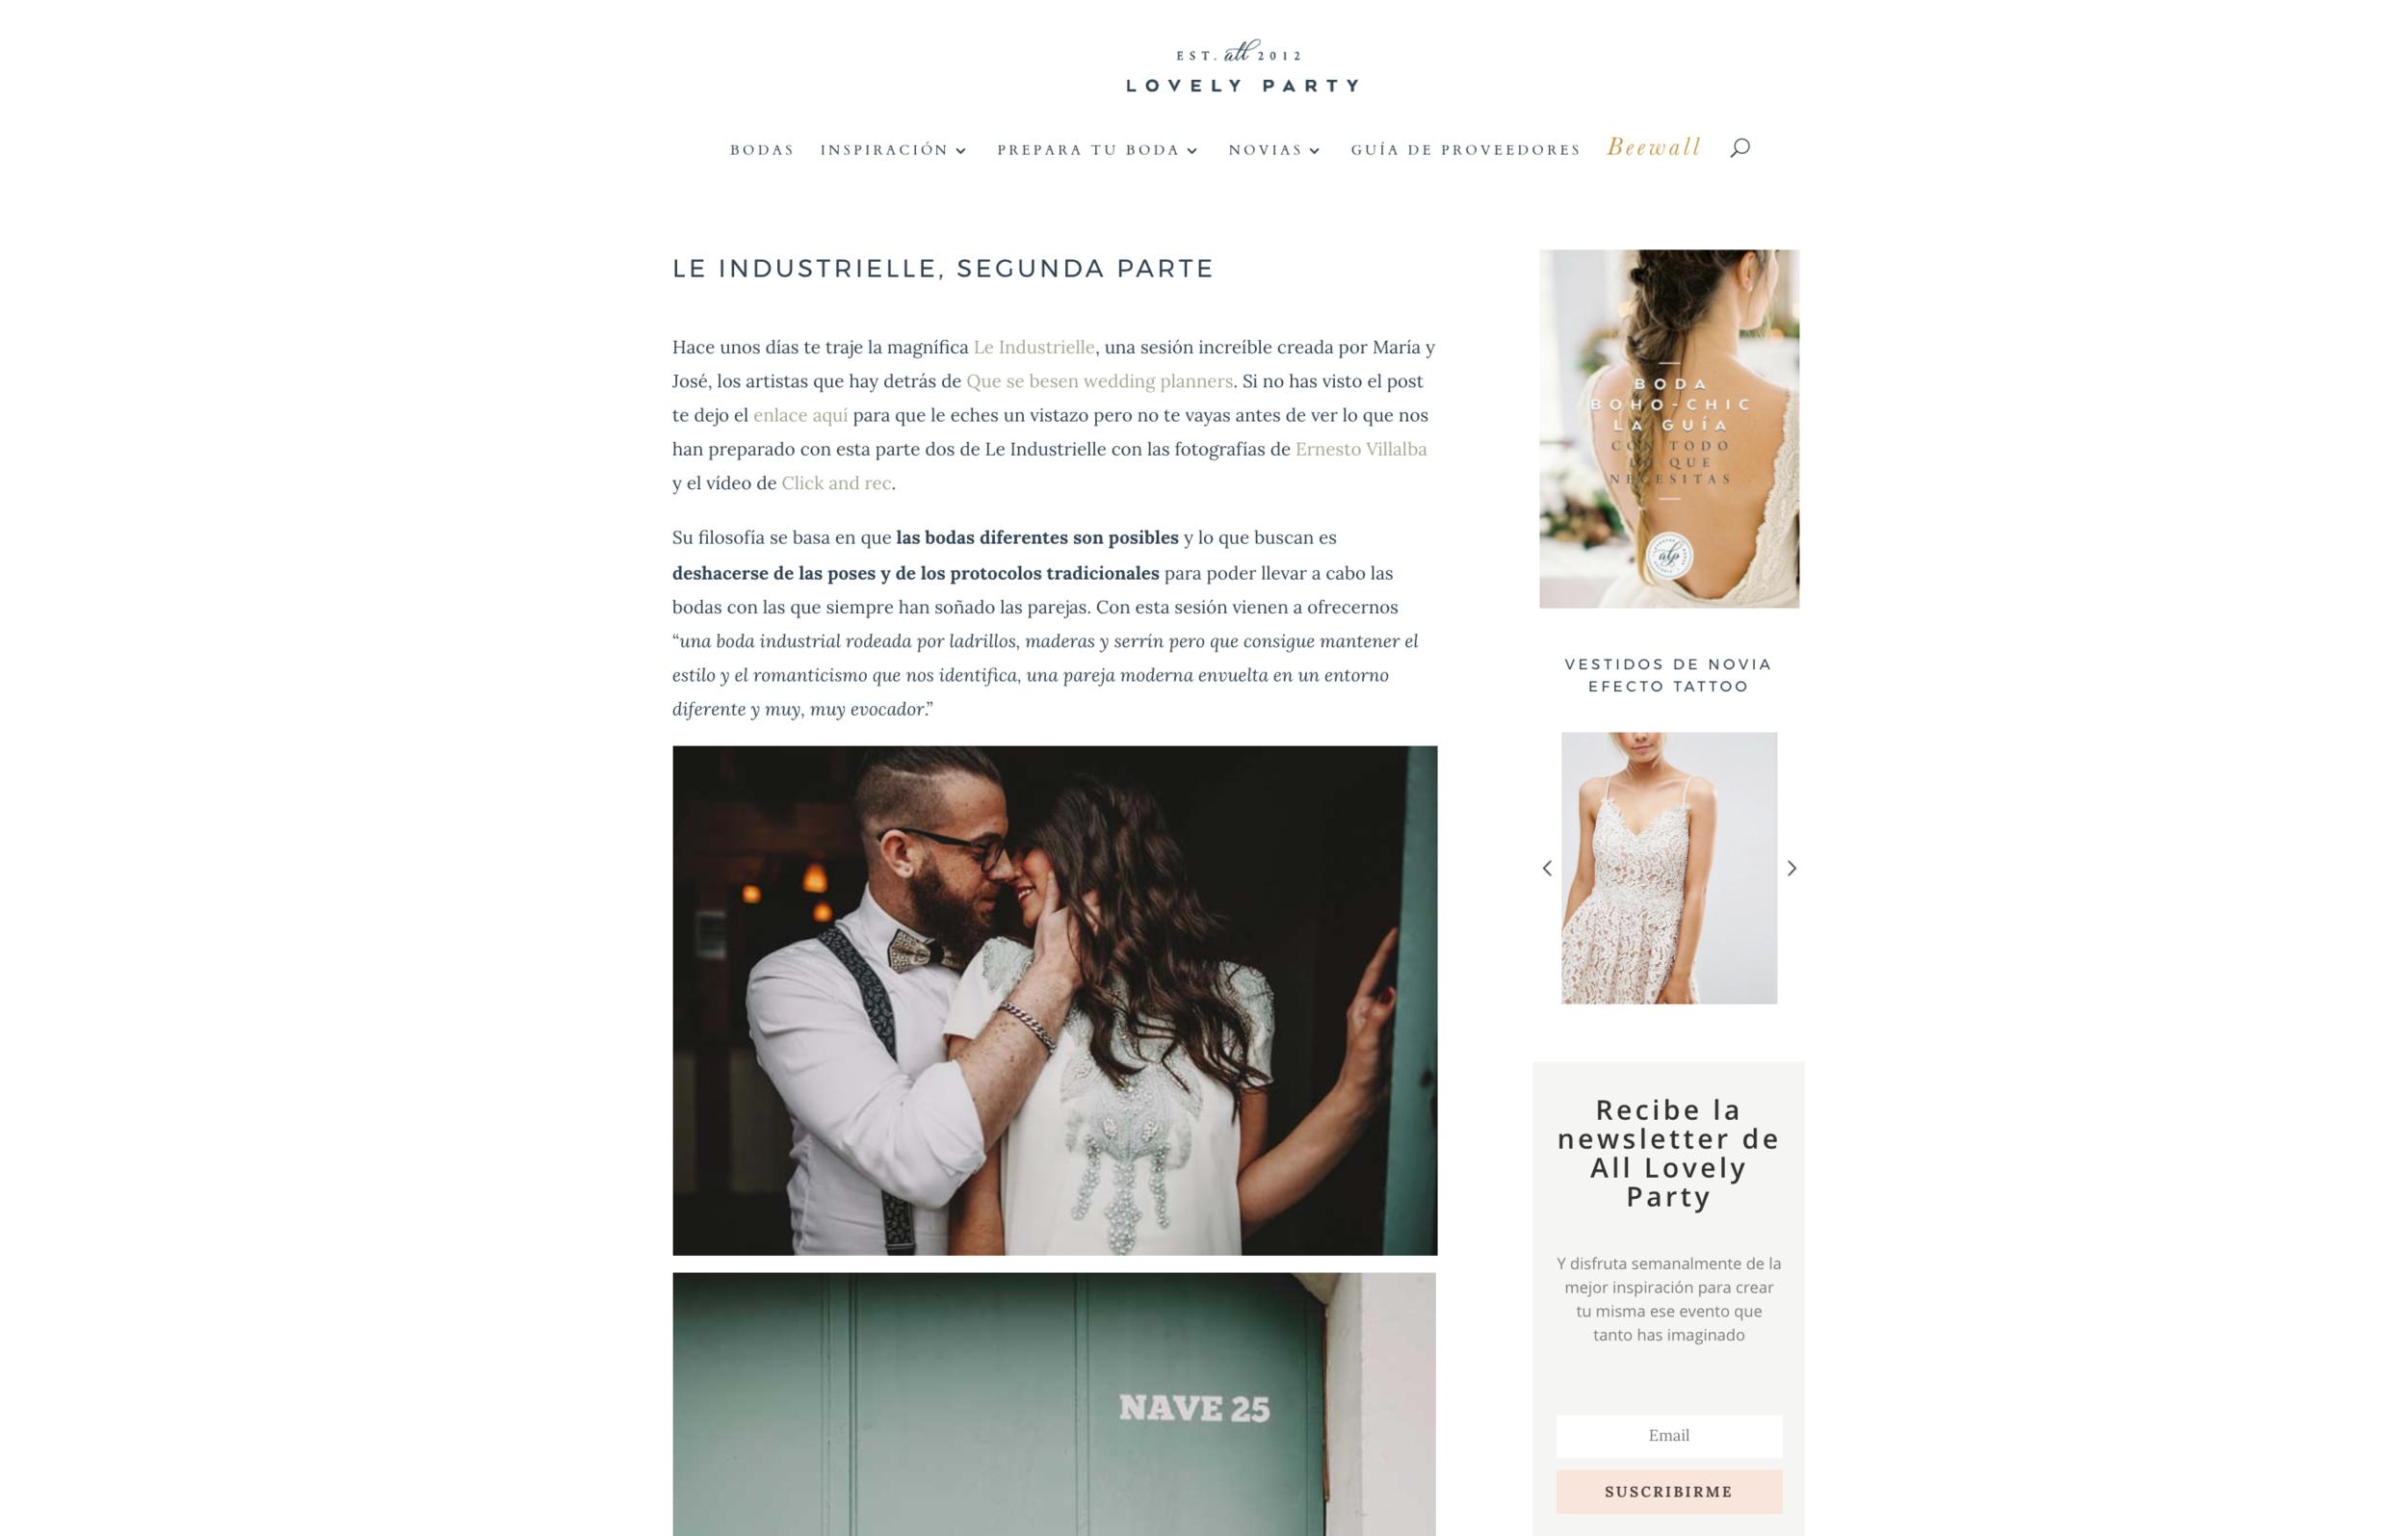 All Lovely Party   Segunda parte de la sesión editorial Le Industriele, una boda en una carpintería fue publicada por este blog imprescindible de inspiración.